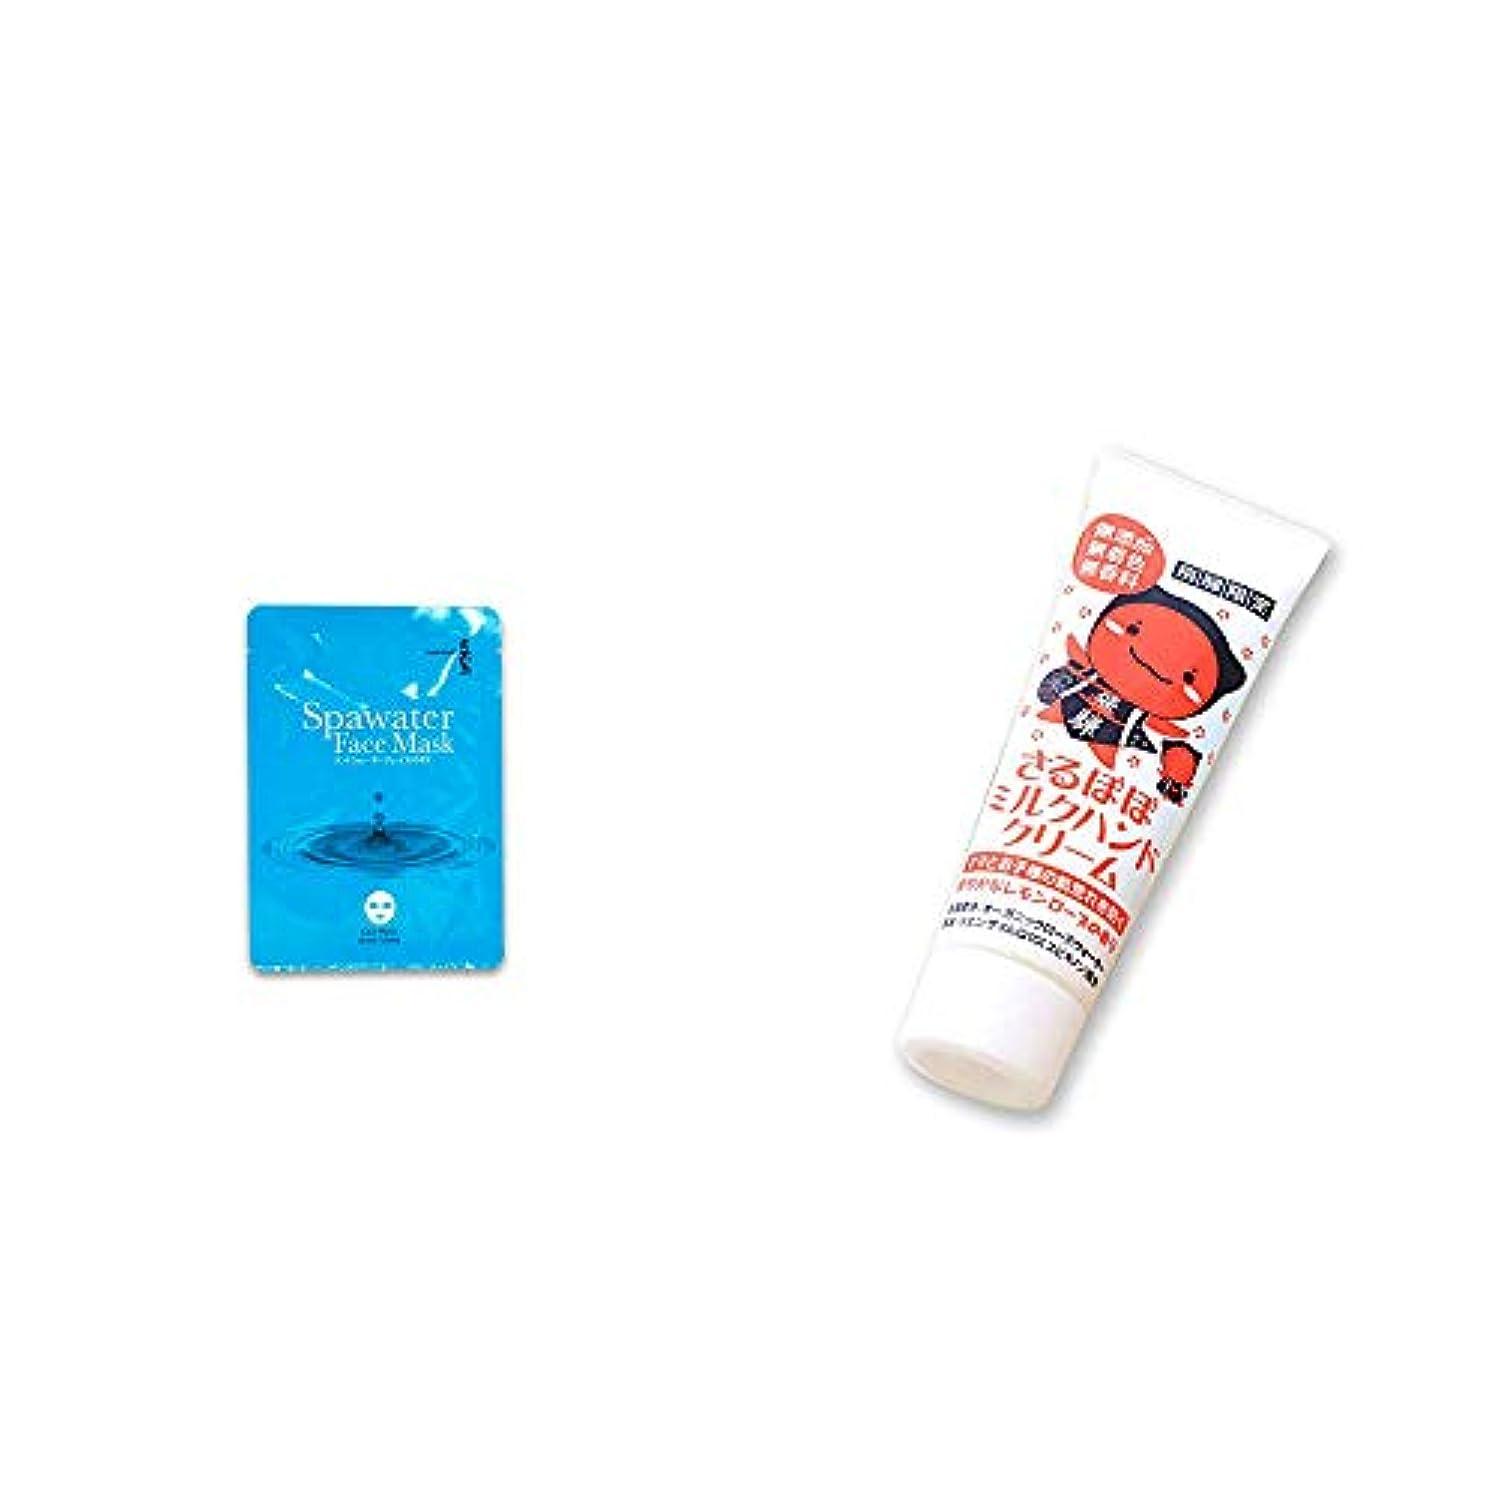 タブレットねばねばエッセンス[2点セット] ひのき炭黒泉 スパウォーターフェイスマスク(18ml×3枚入)?さるぼぼ ミルクハンドクリーム(50g)